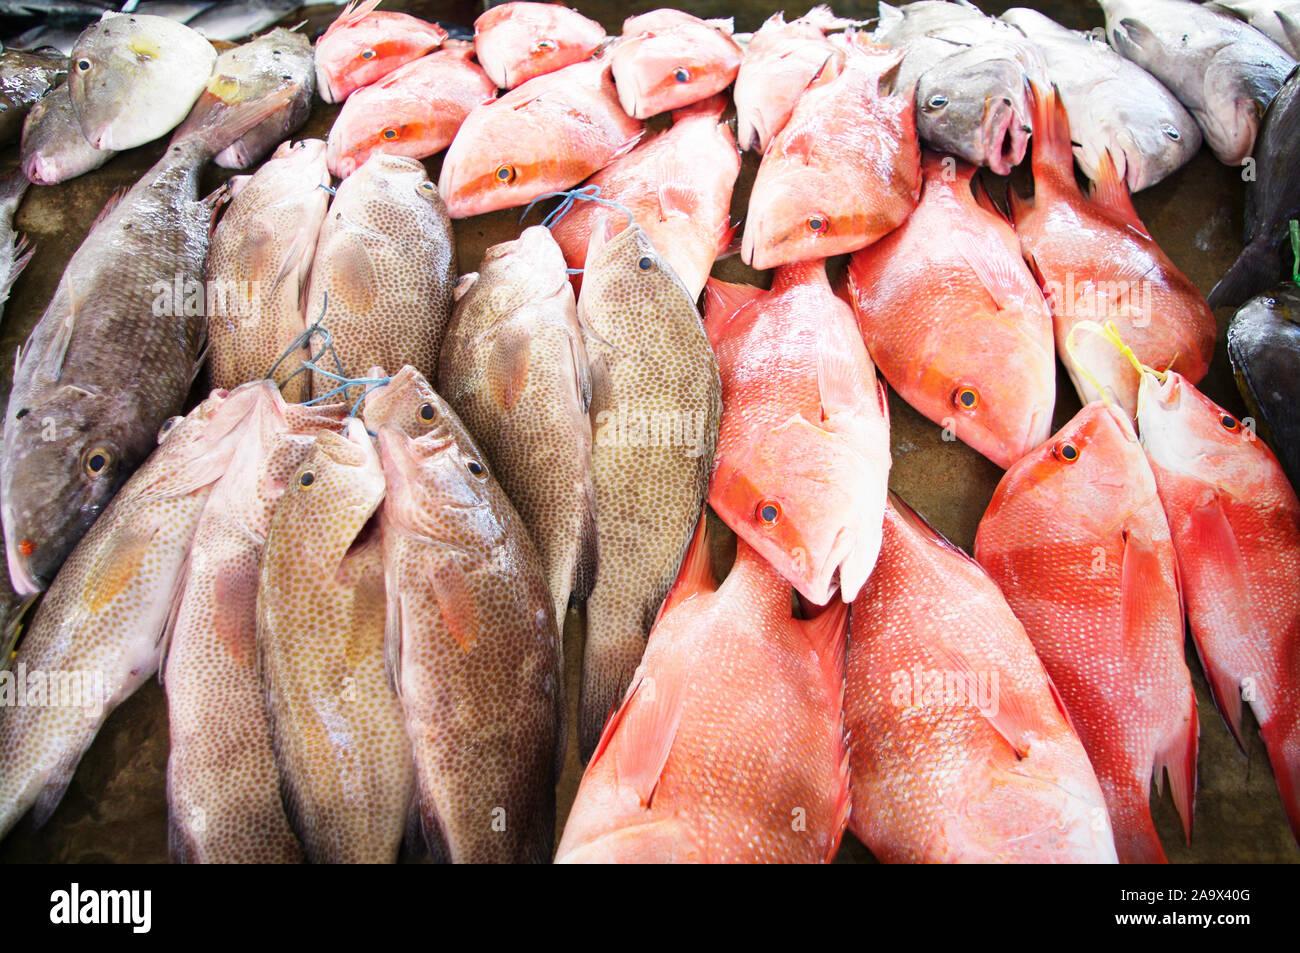 Fischmarkt Sir Selwyn Selwyn-Clarke Market in Victoria mit Red Snapper / Malabar-Schnapper / Roter Schnapper / Lutjanus malabaricus und anderen Fische Stock Photo